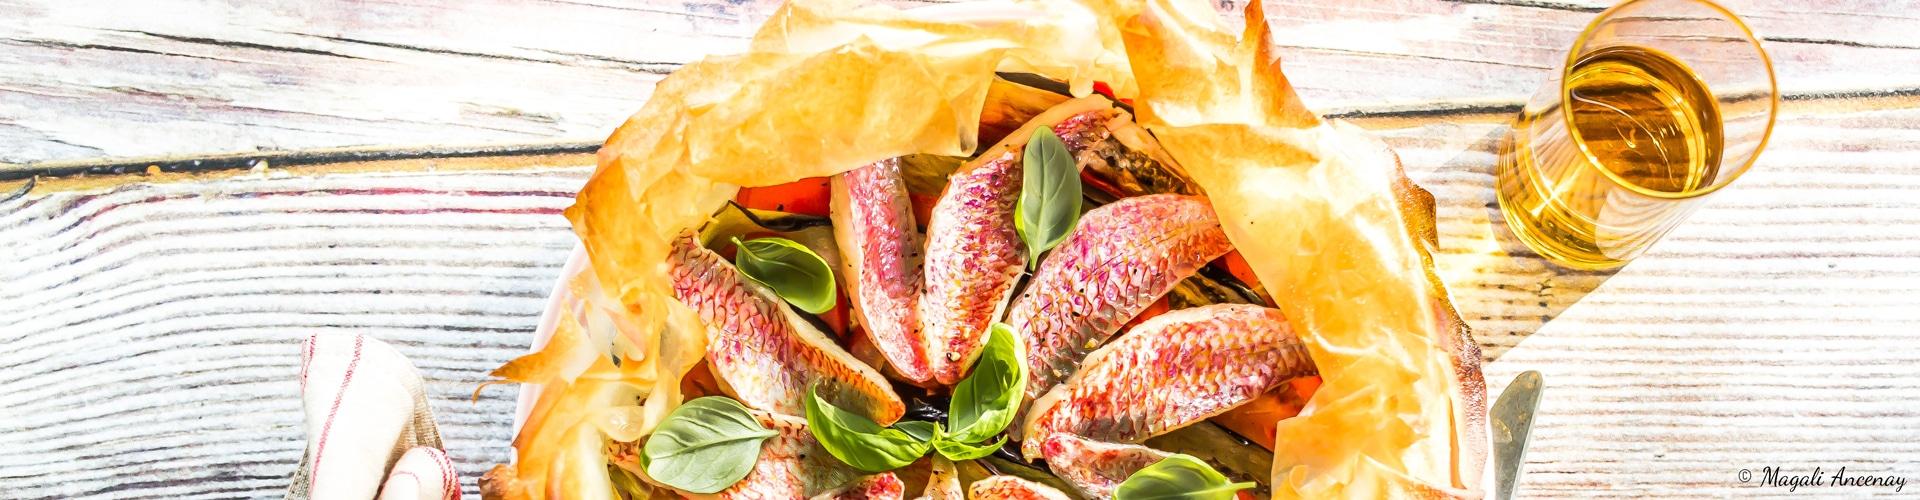 tarte-rouget-huile-olive-aubergine-tomates-france-dejeuner